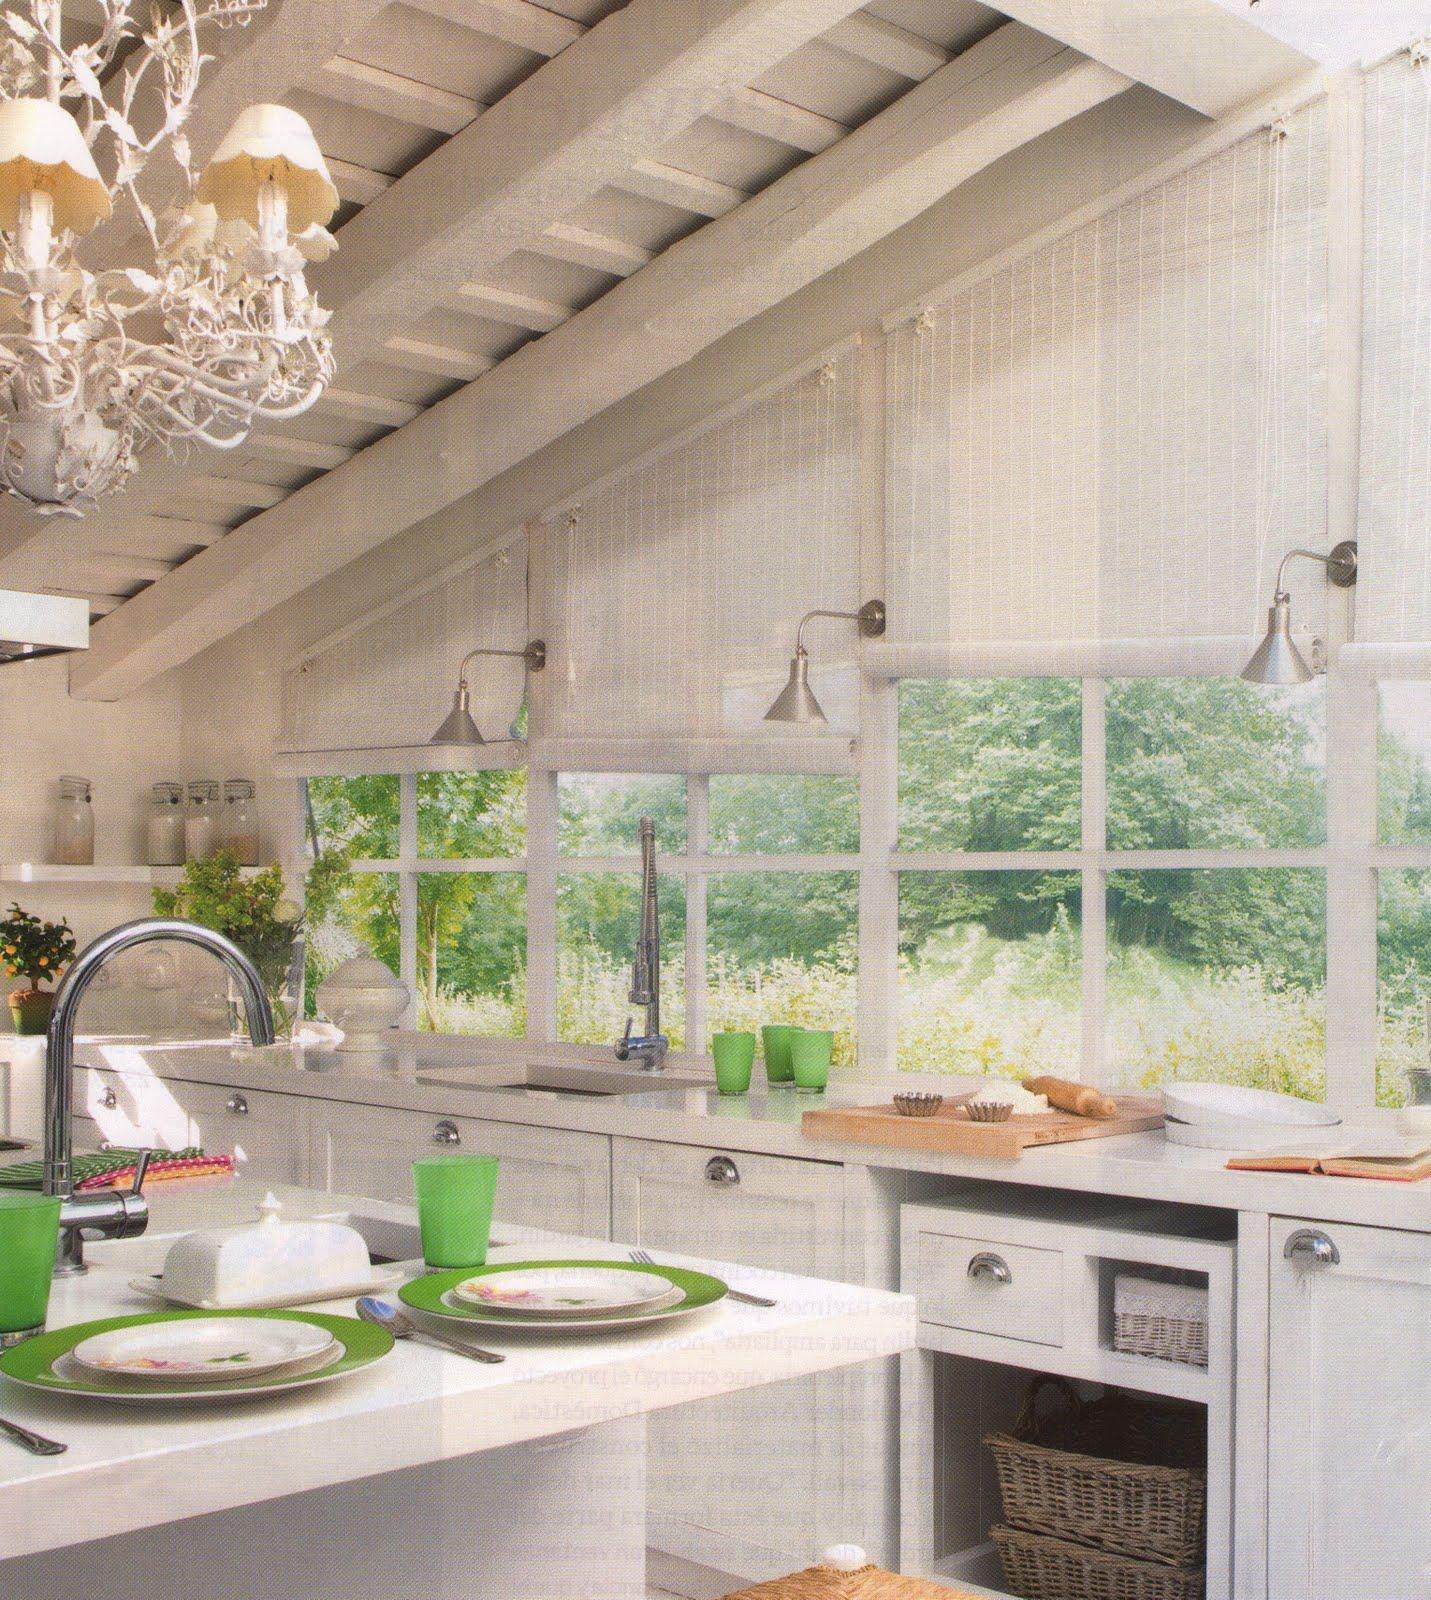 Un cocina blanca a white kitchen desde my ventana for Cocinas tradicionales blancas